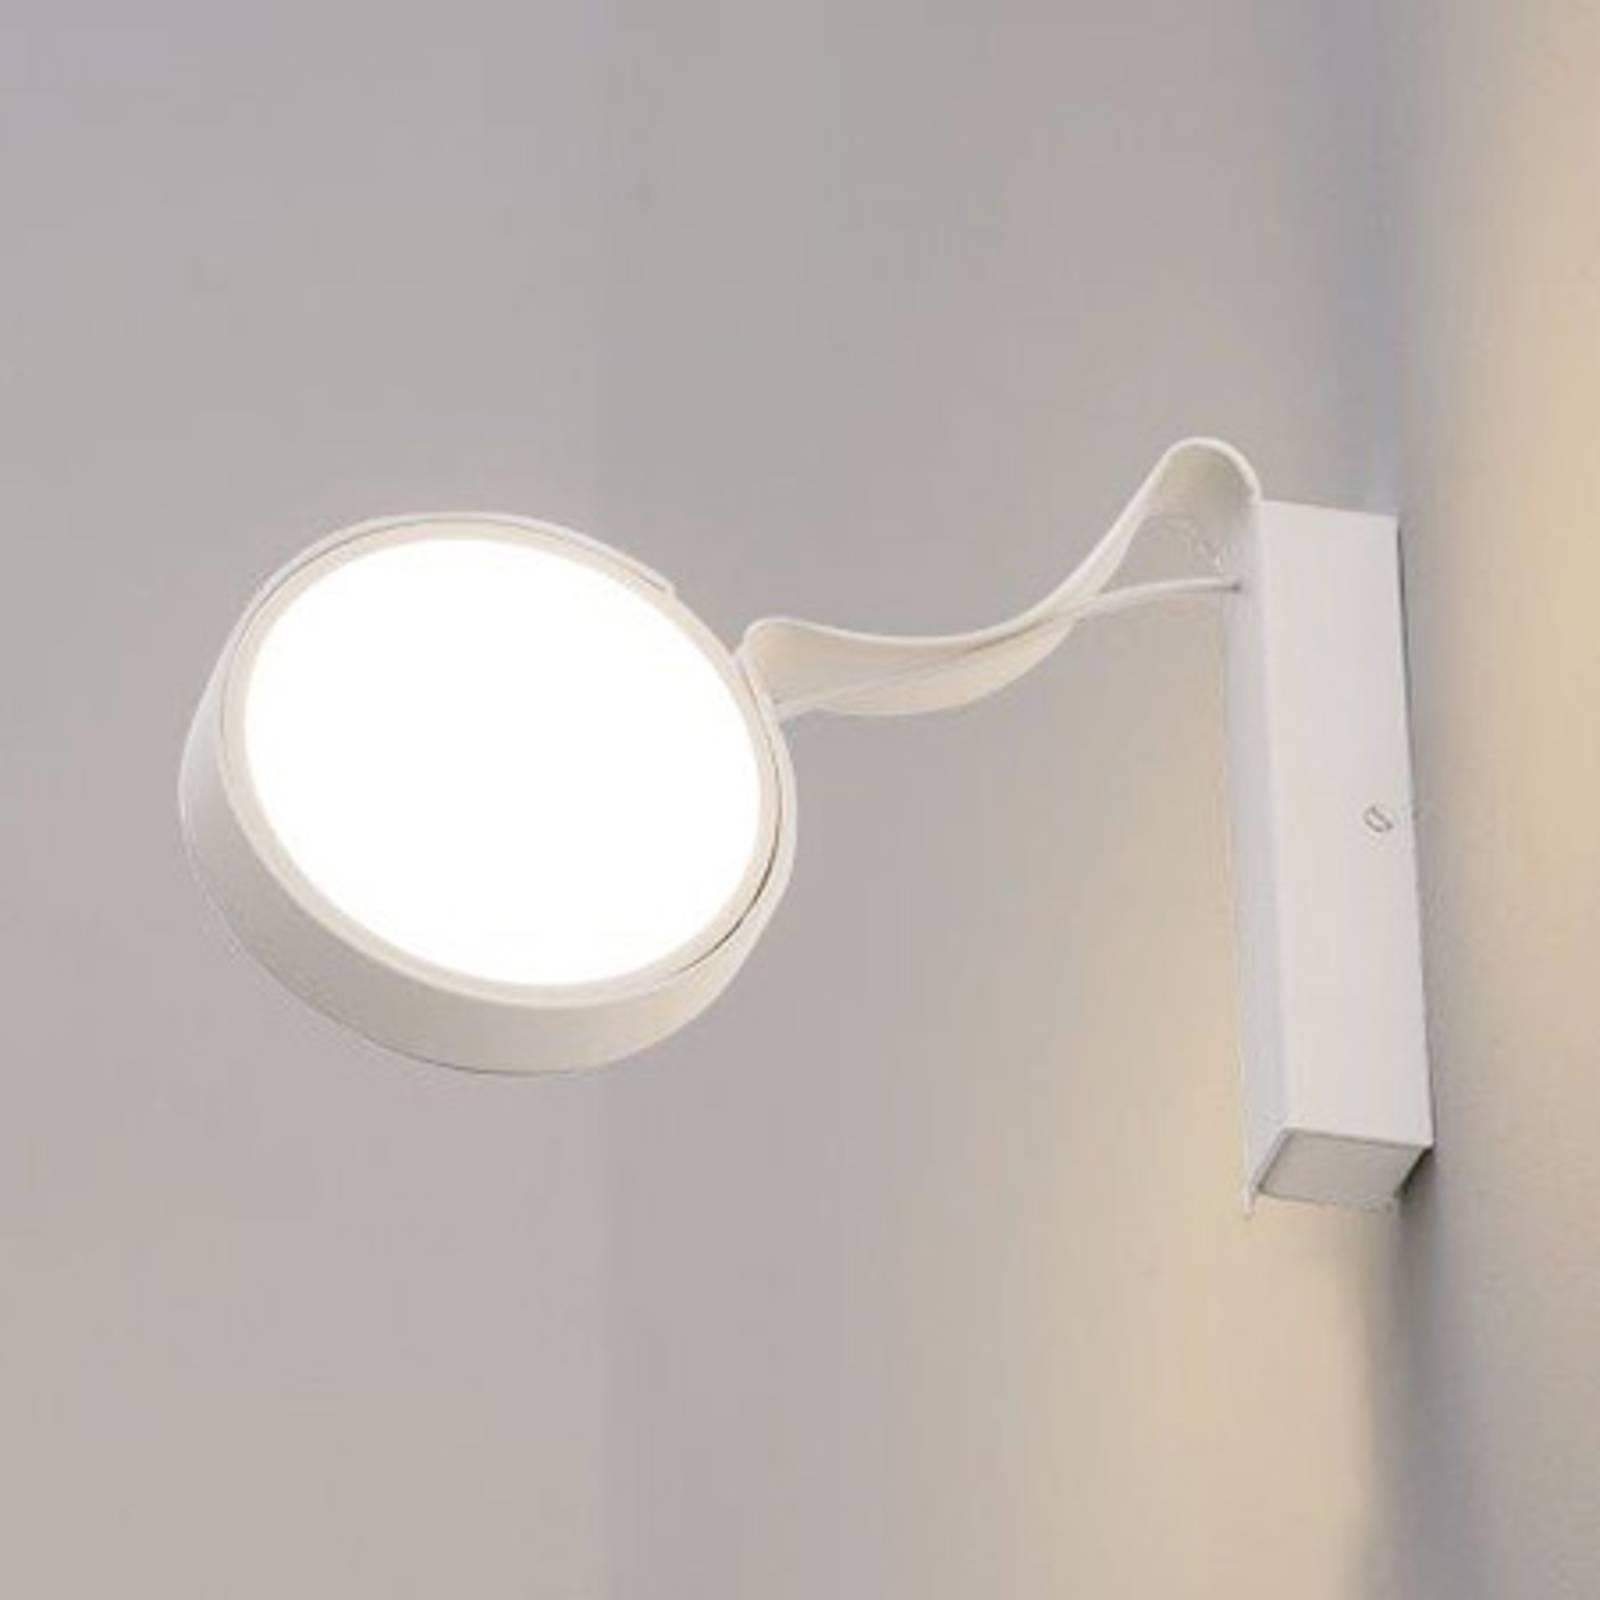 Applique LED DND Profile blanc